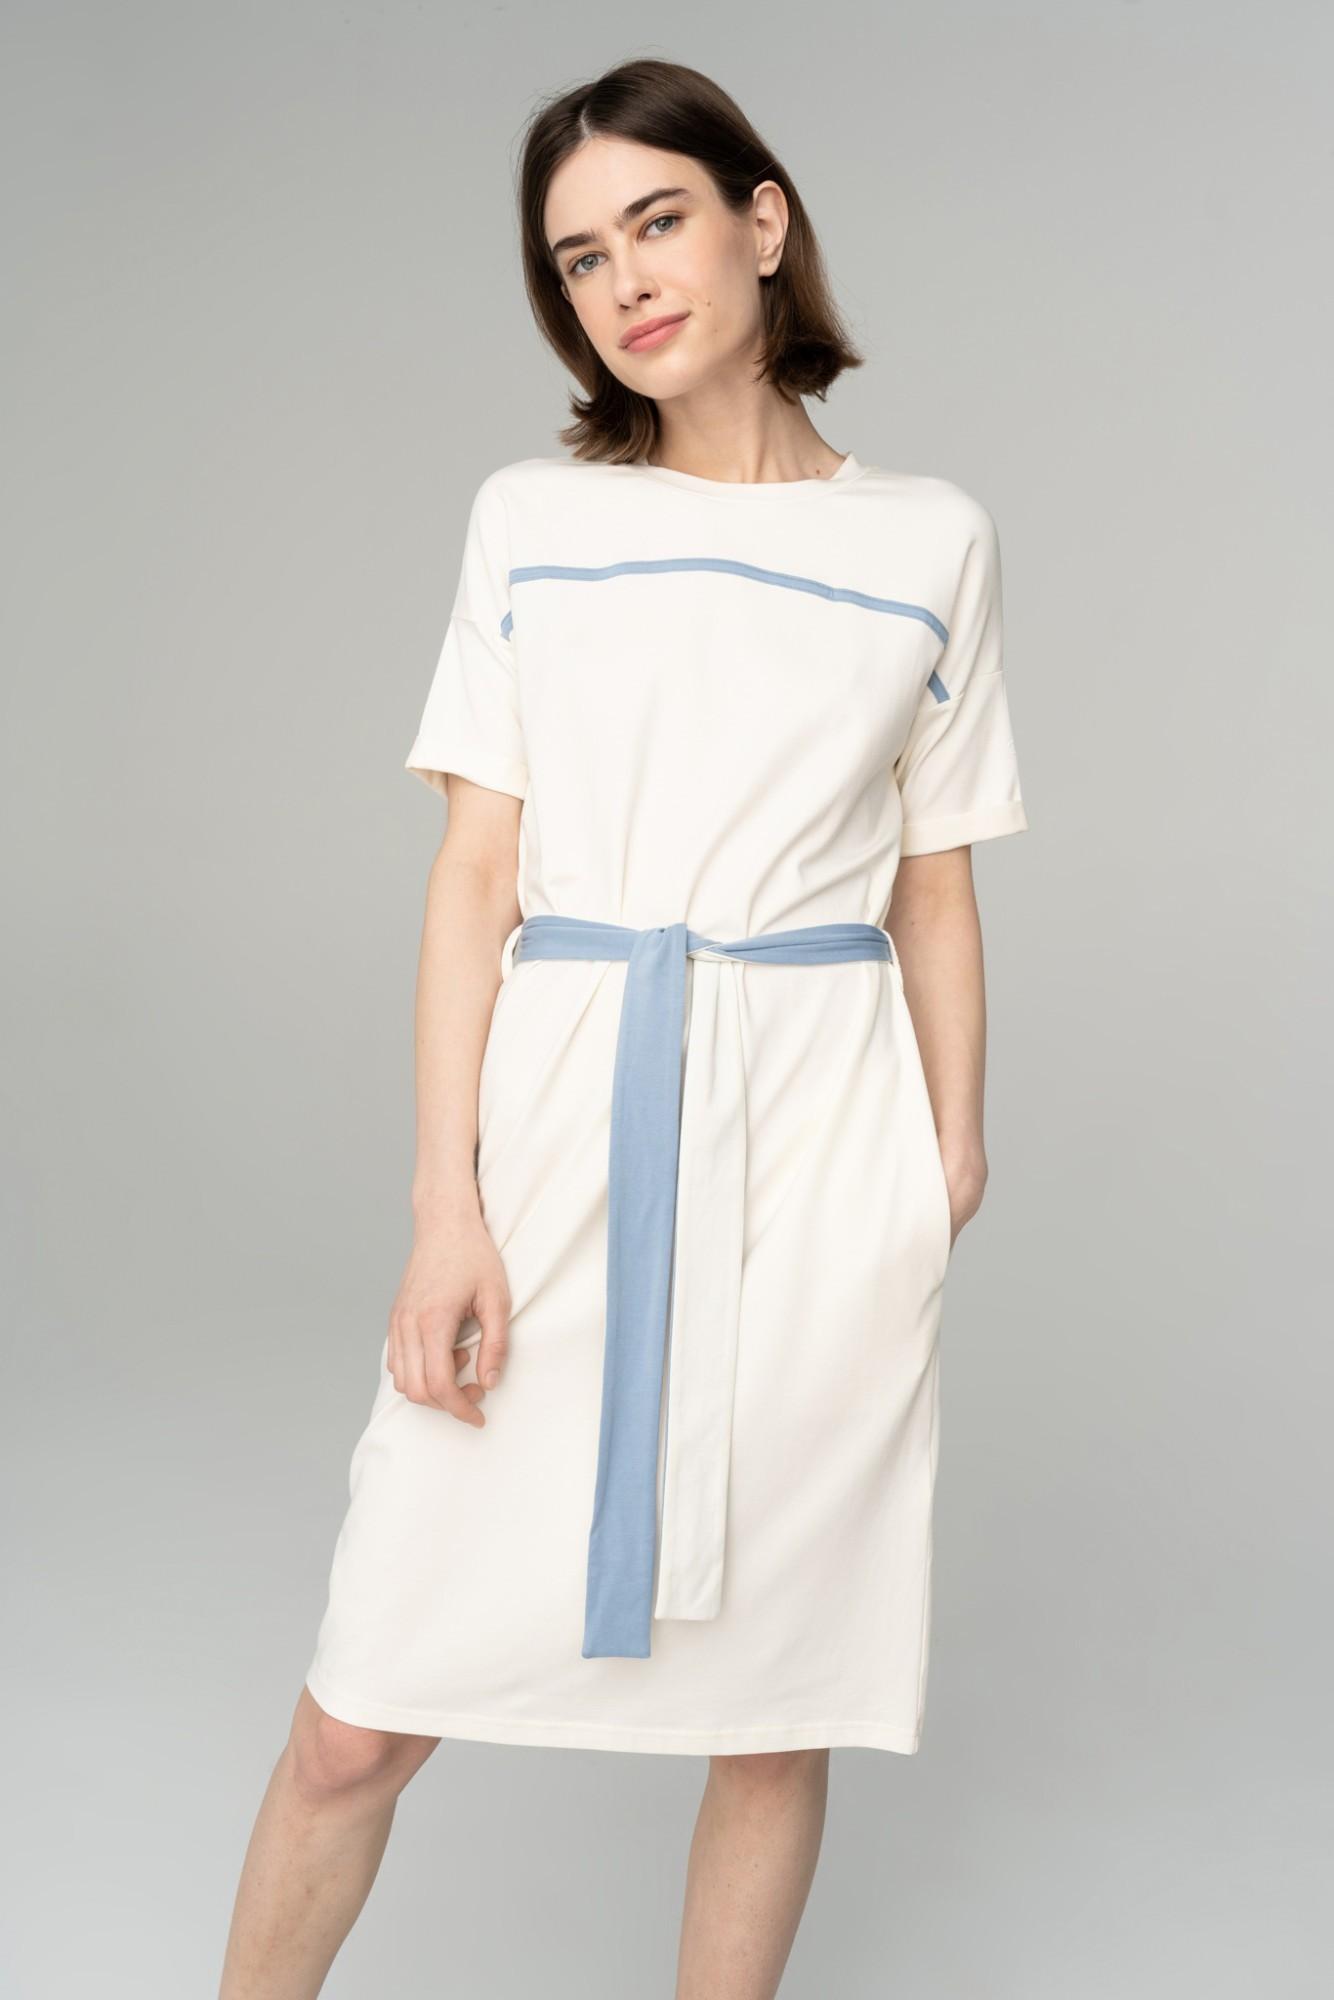 AUDIMAS Švelni modalo suknelė 2111-033 Blanc De Blanc L